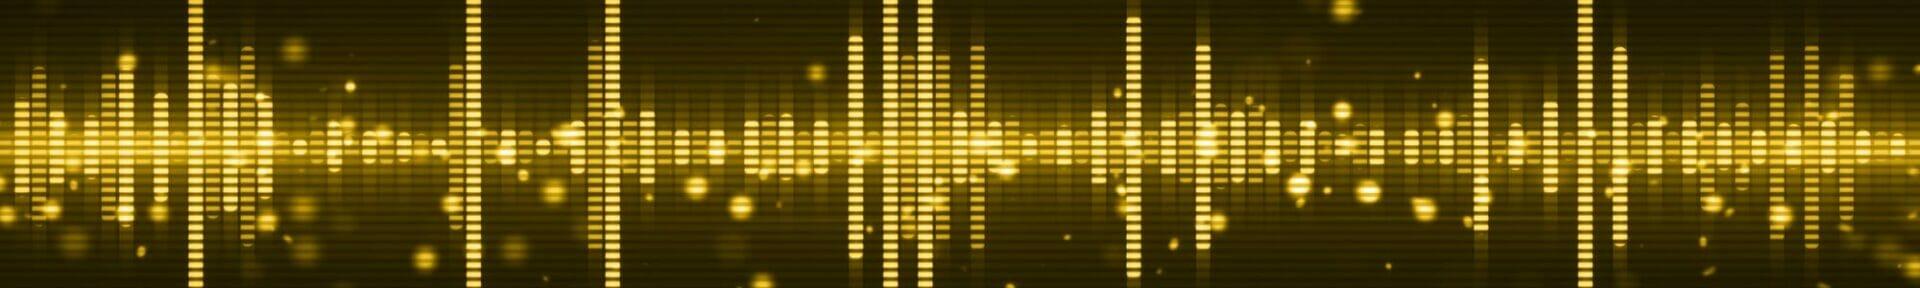 Soundwave Header Image